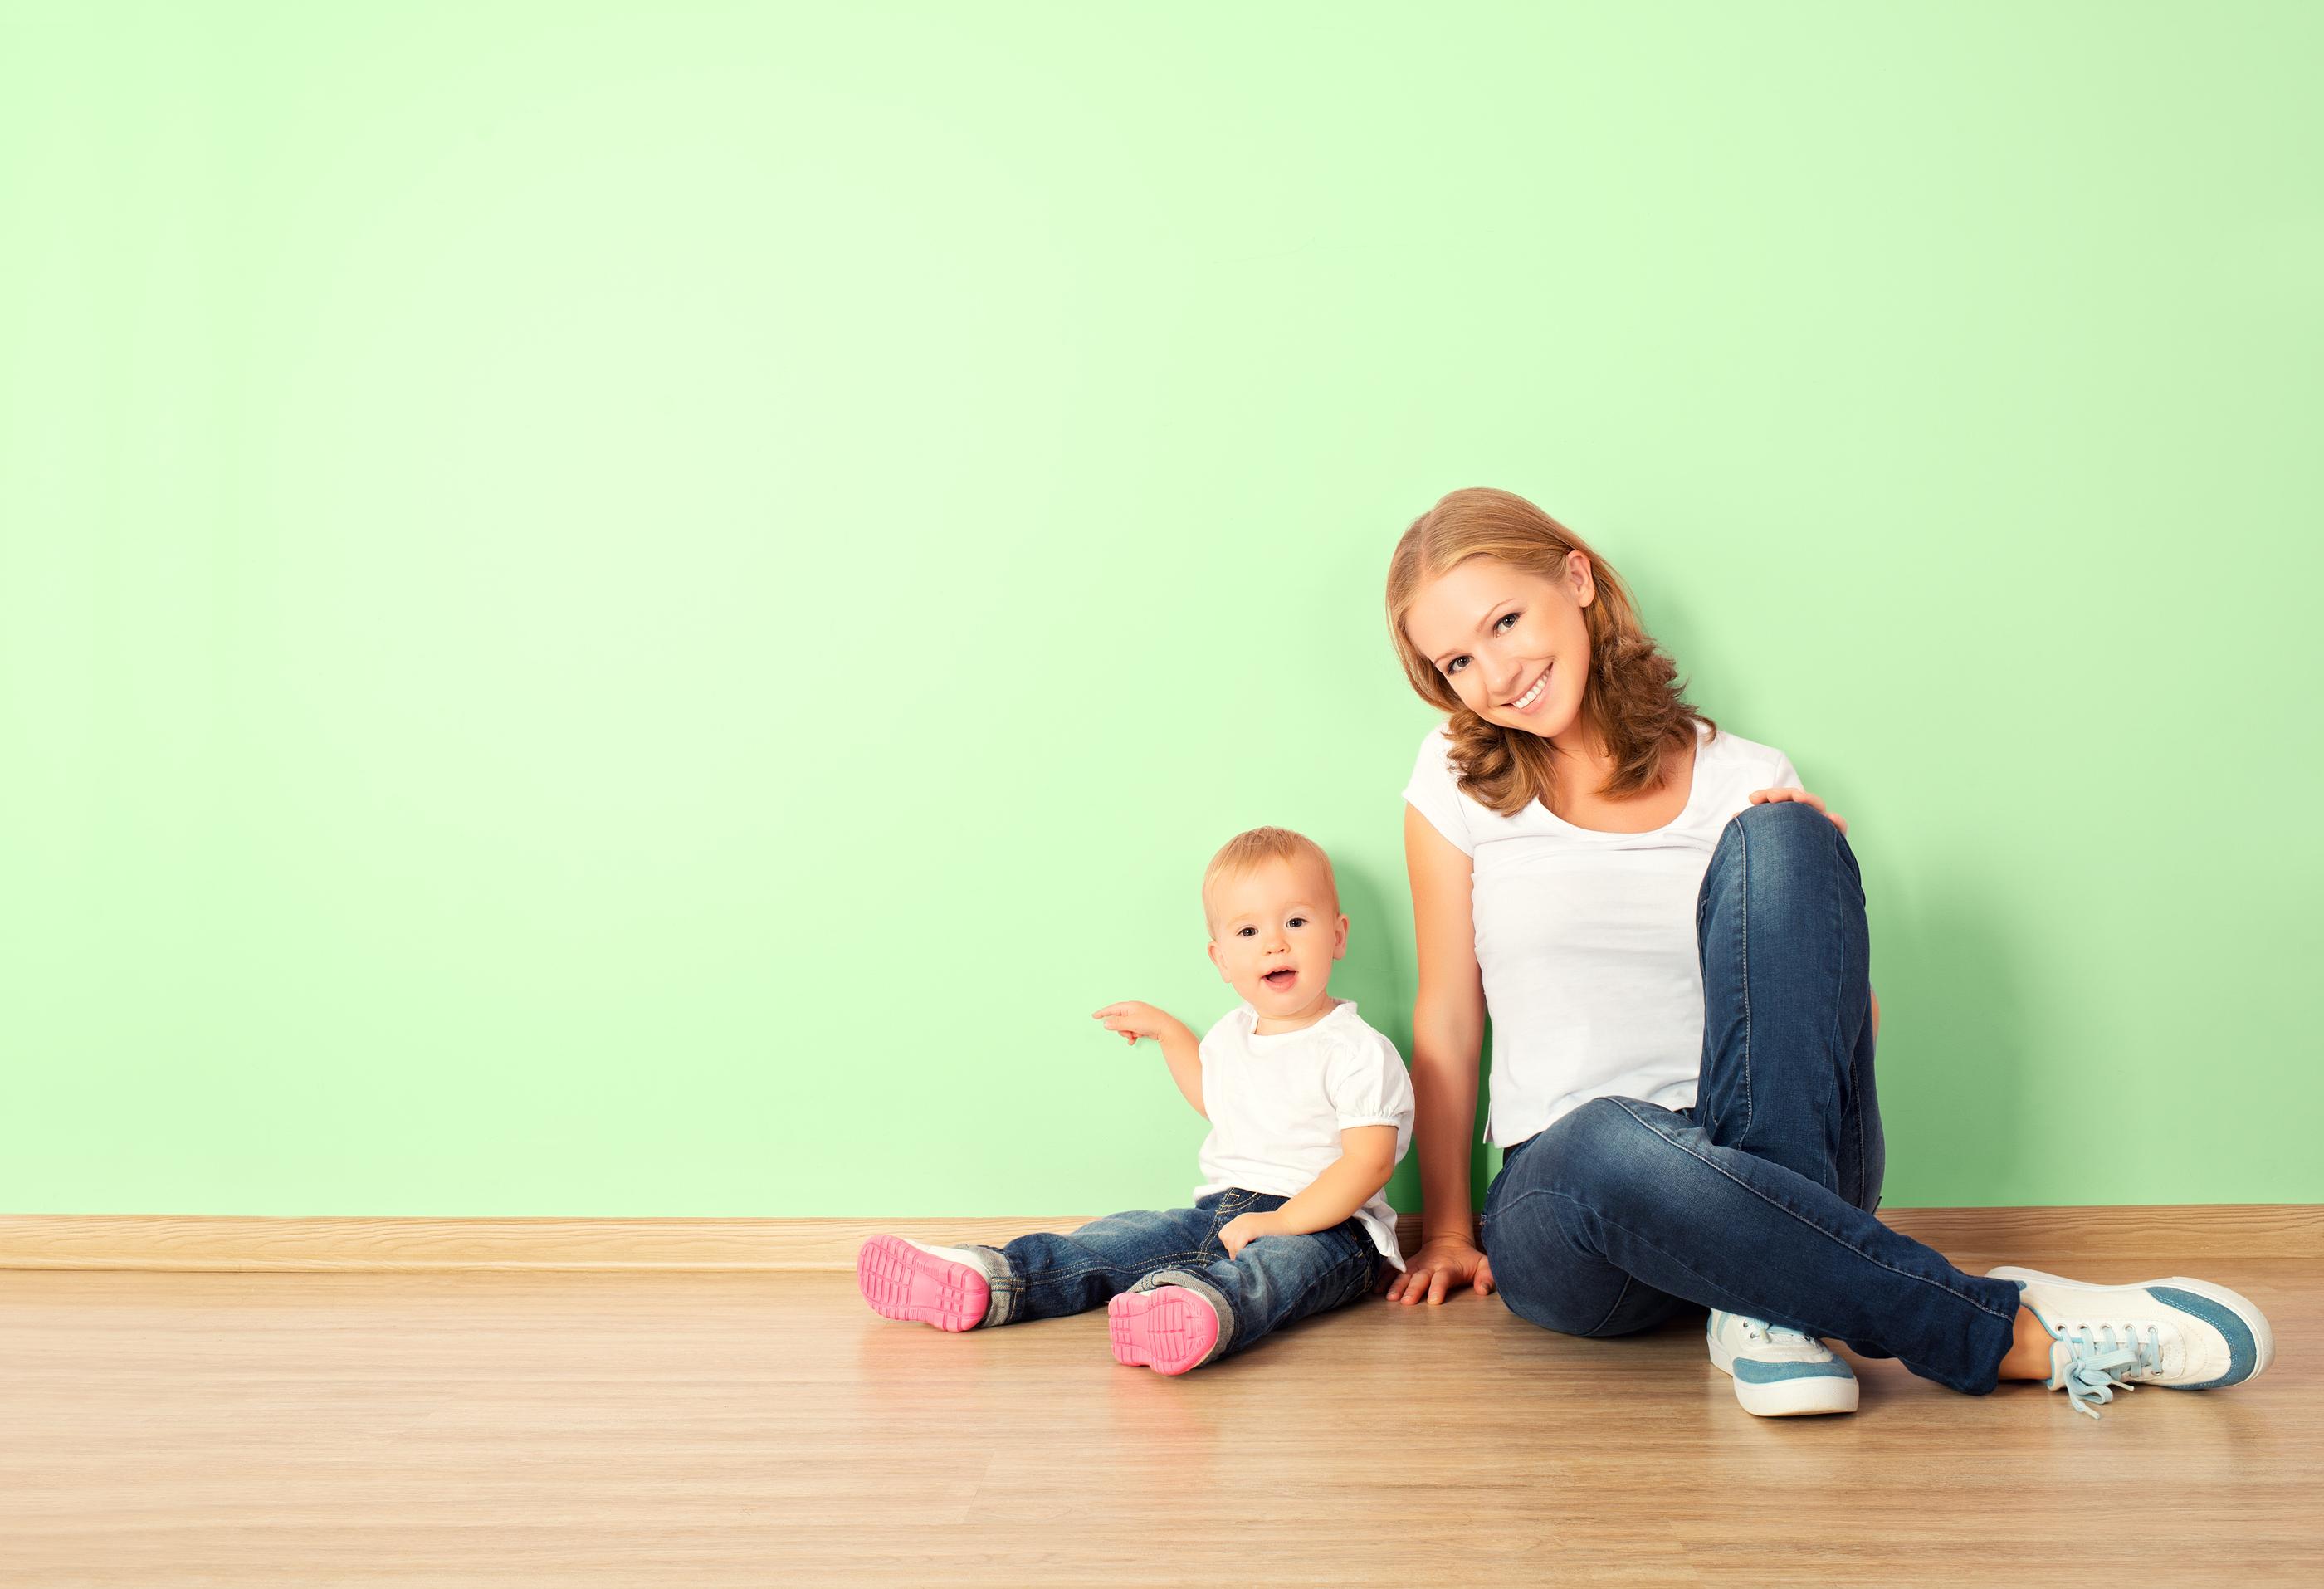 С мамой на полу 20 фотография